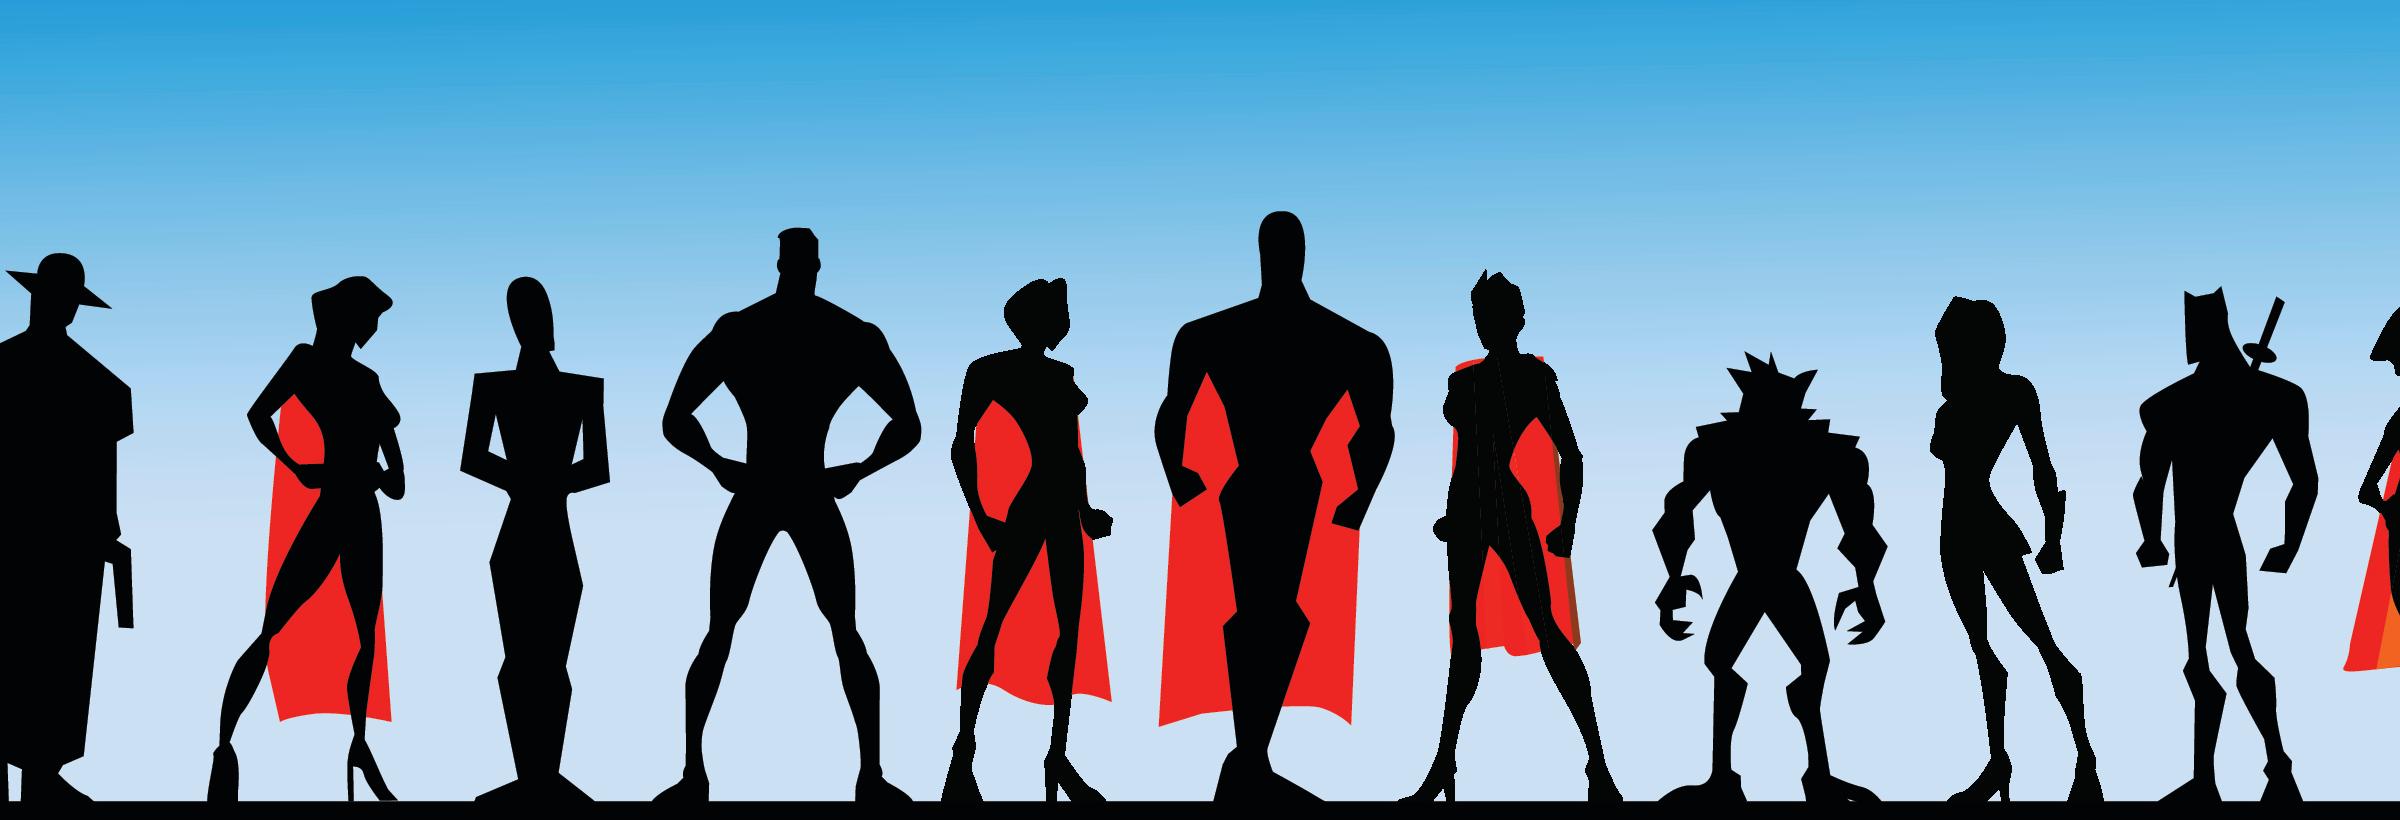 website heros